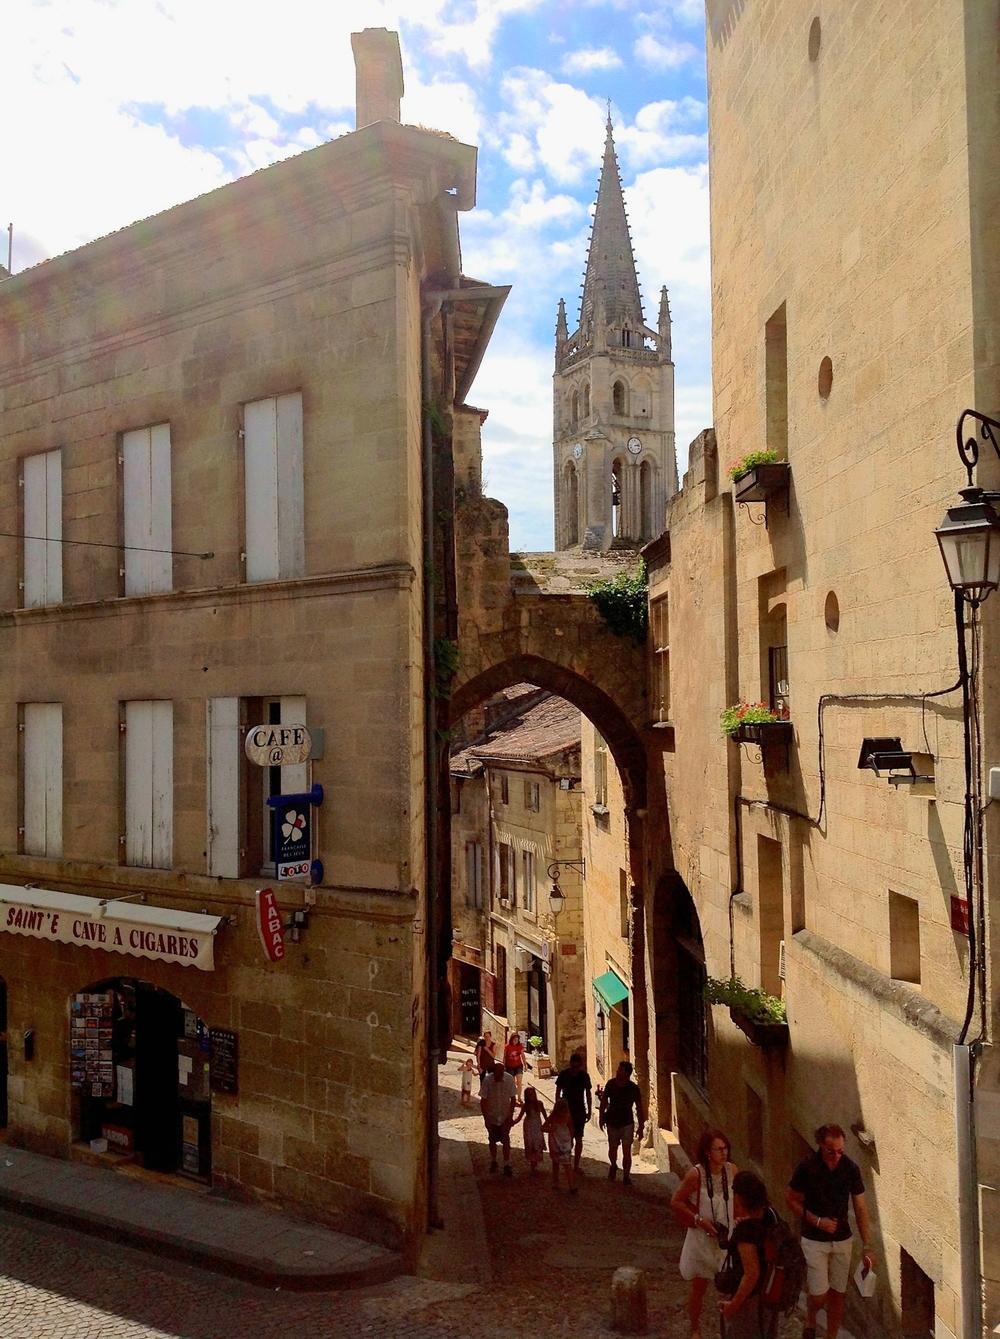 A Medieval passageway in Saint-Émilion